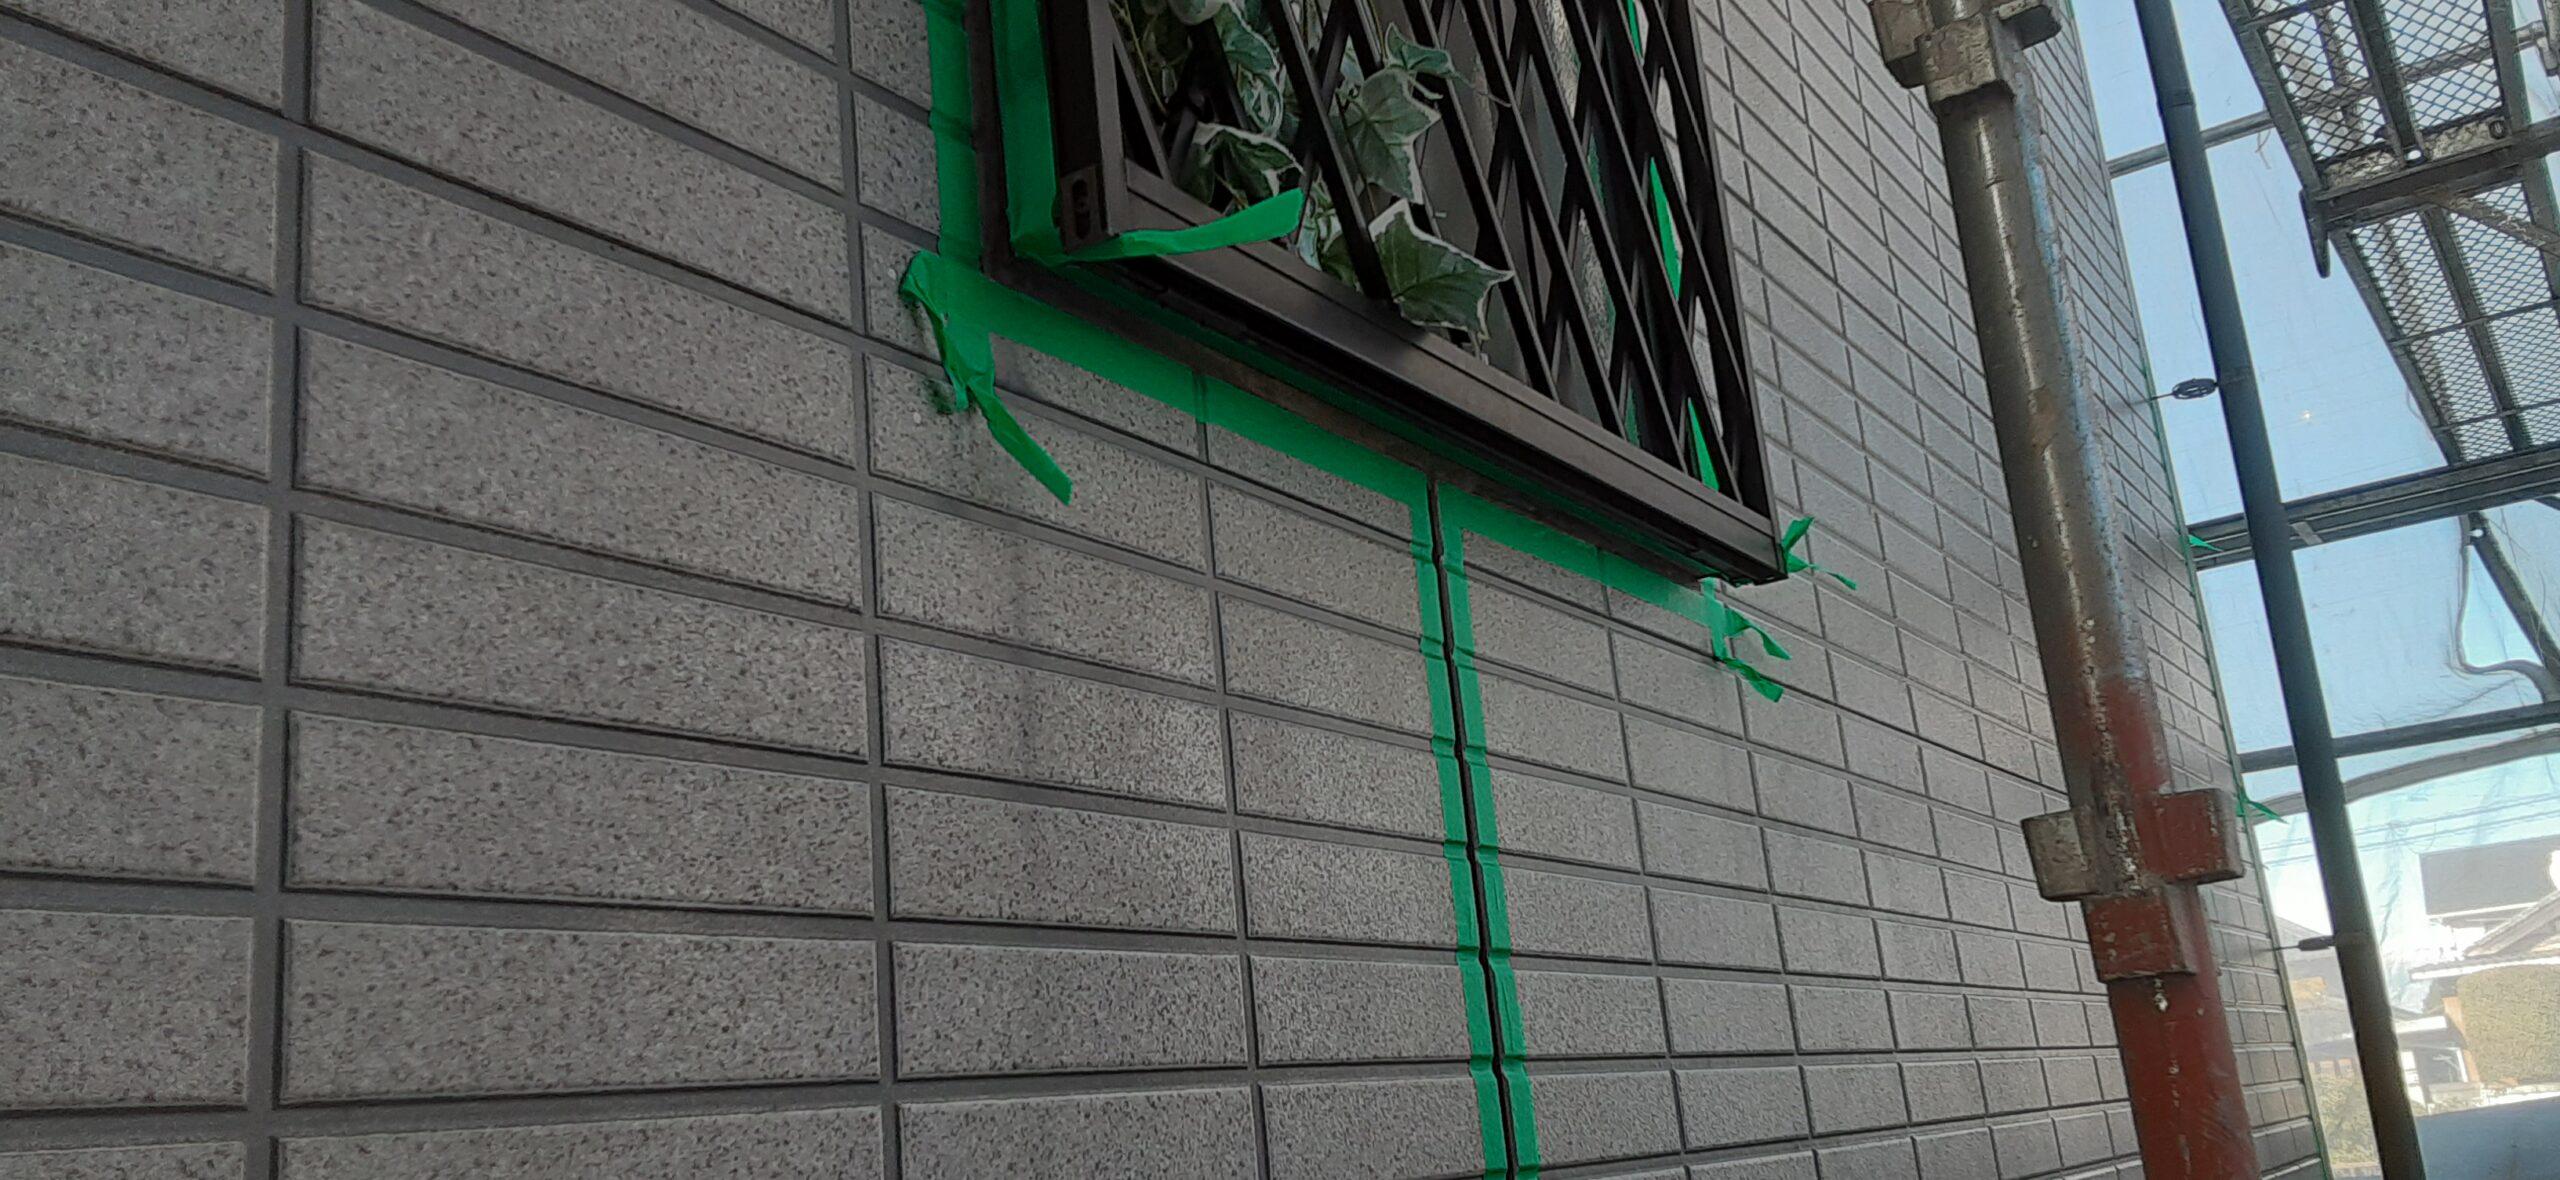 埼玉県さいたま市岩槻区の(木造2階建て)M様邸にて塗り替えリホーム中 外壁のコーキング撤去、テープ貼り/